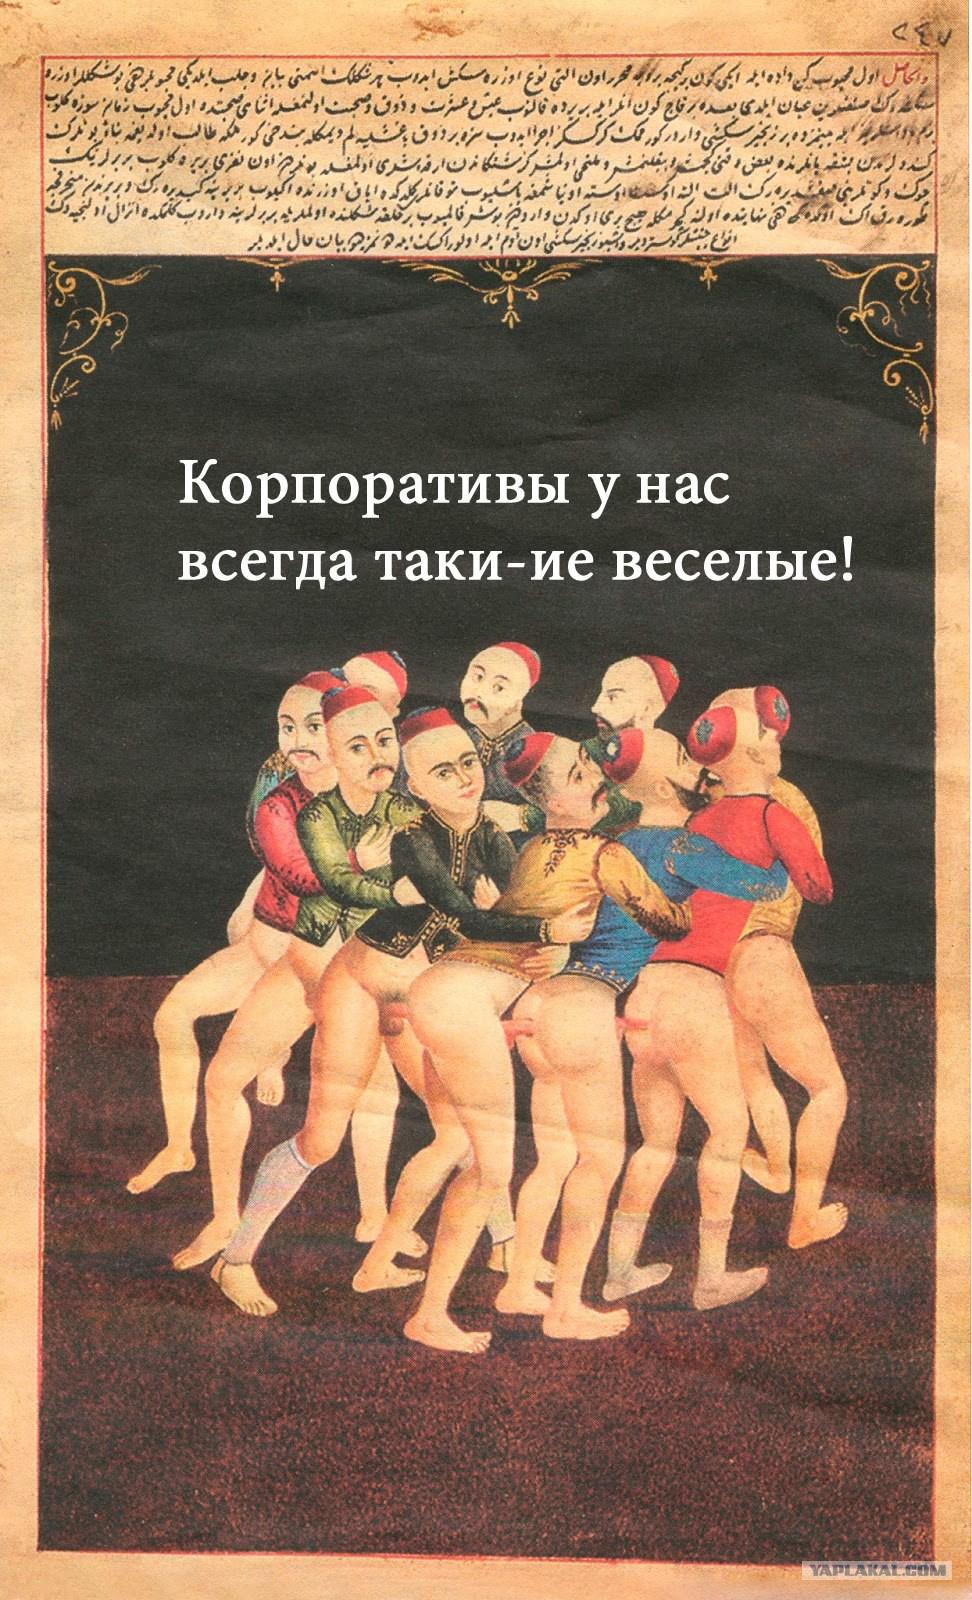 Секс машины в средневековье 19 фотография